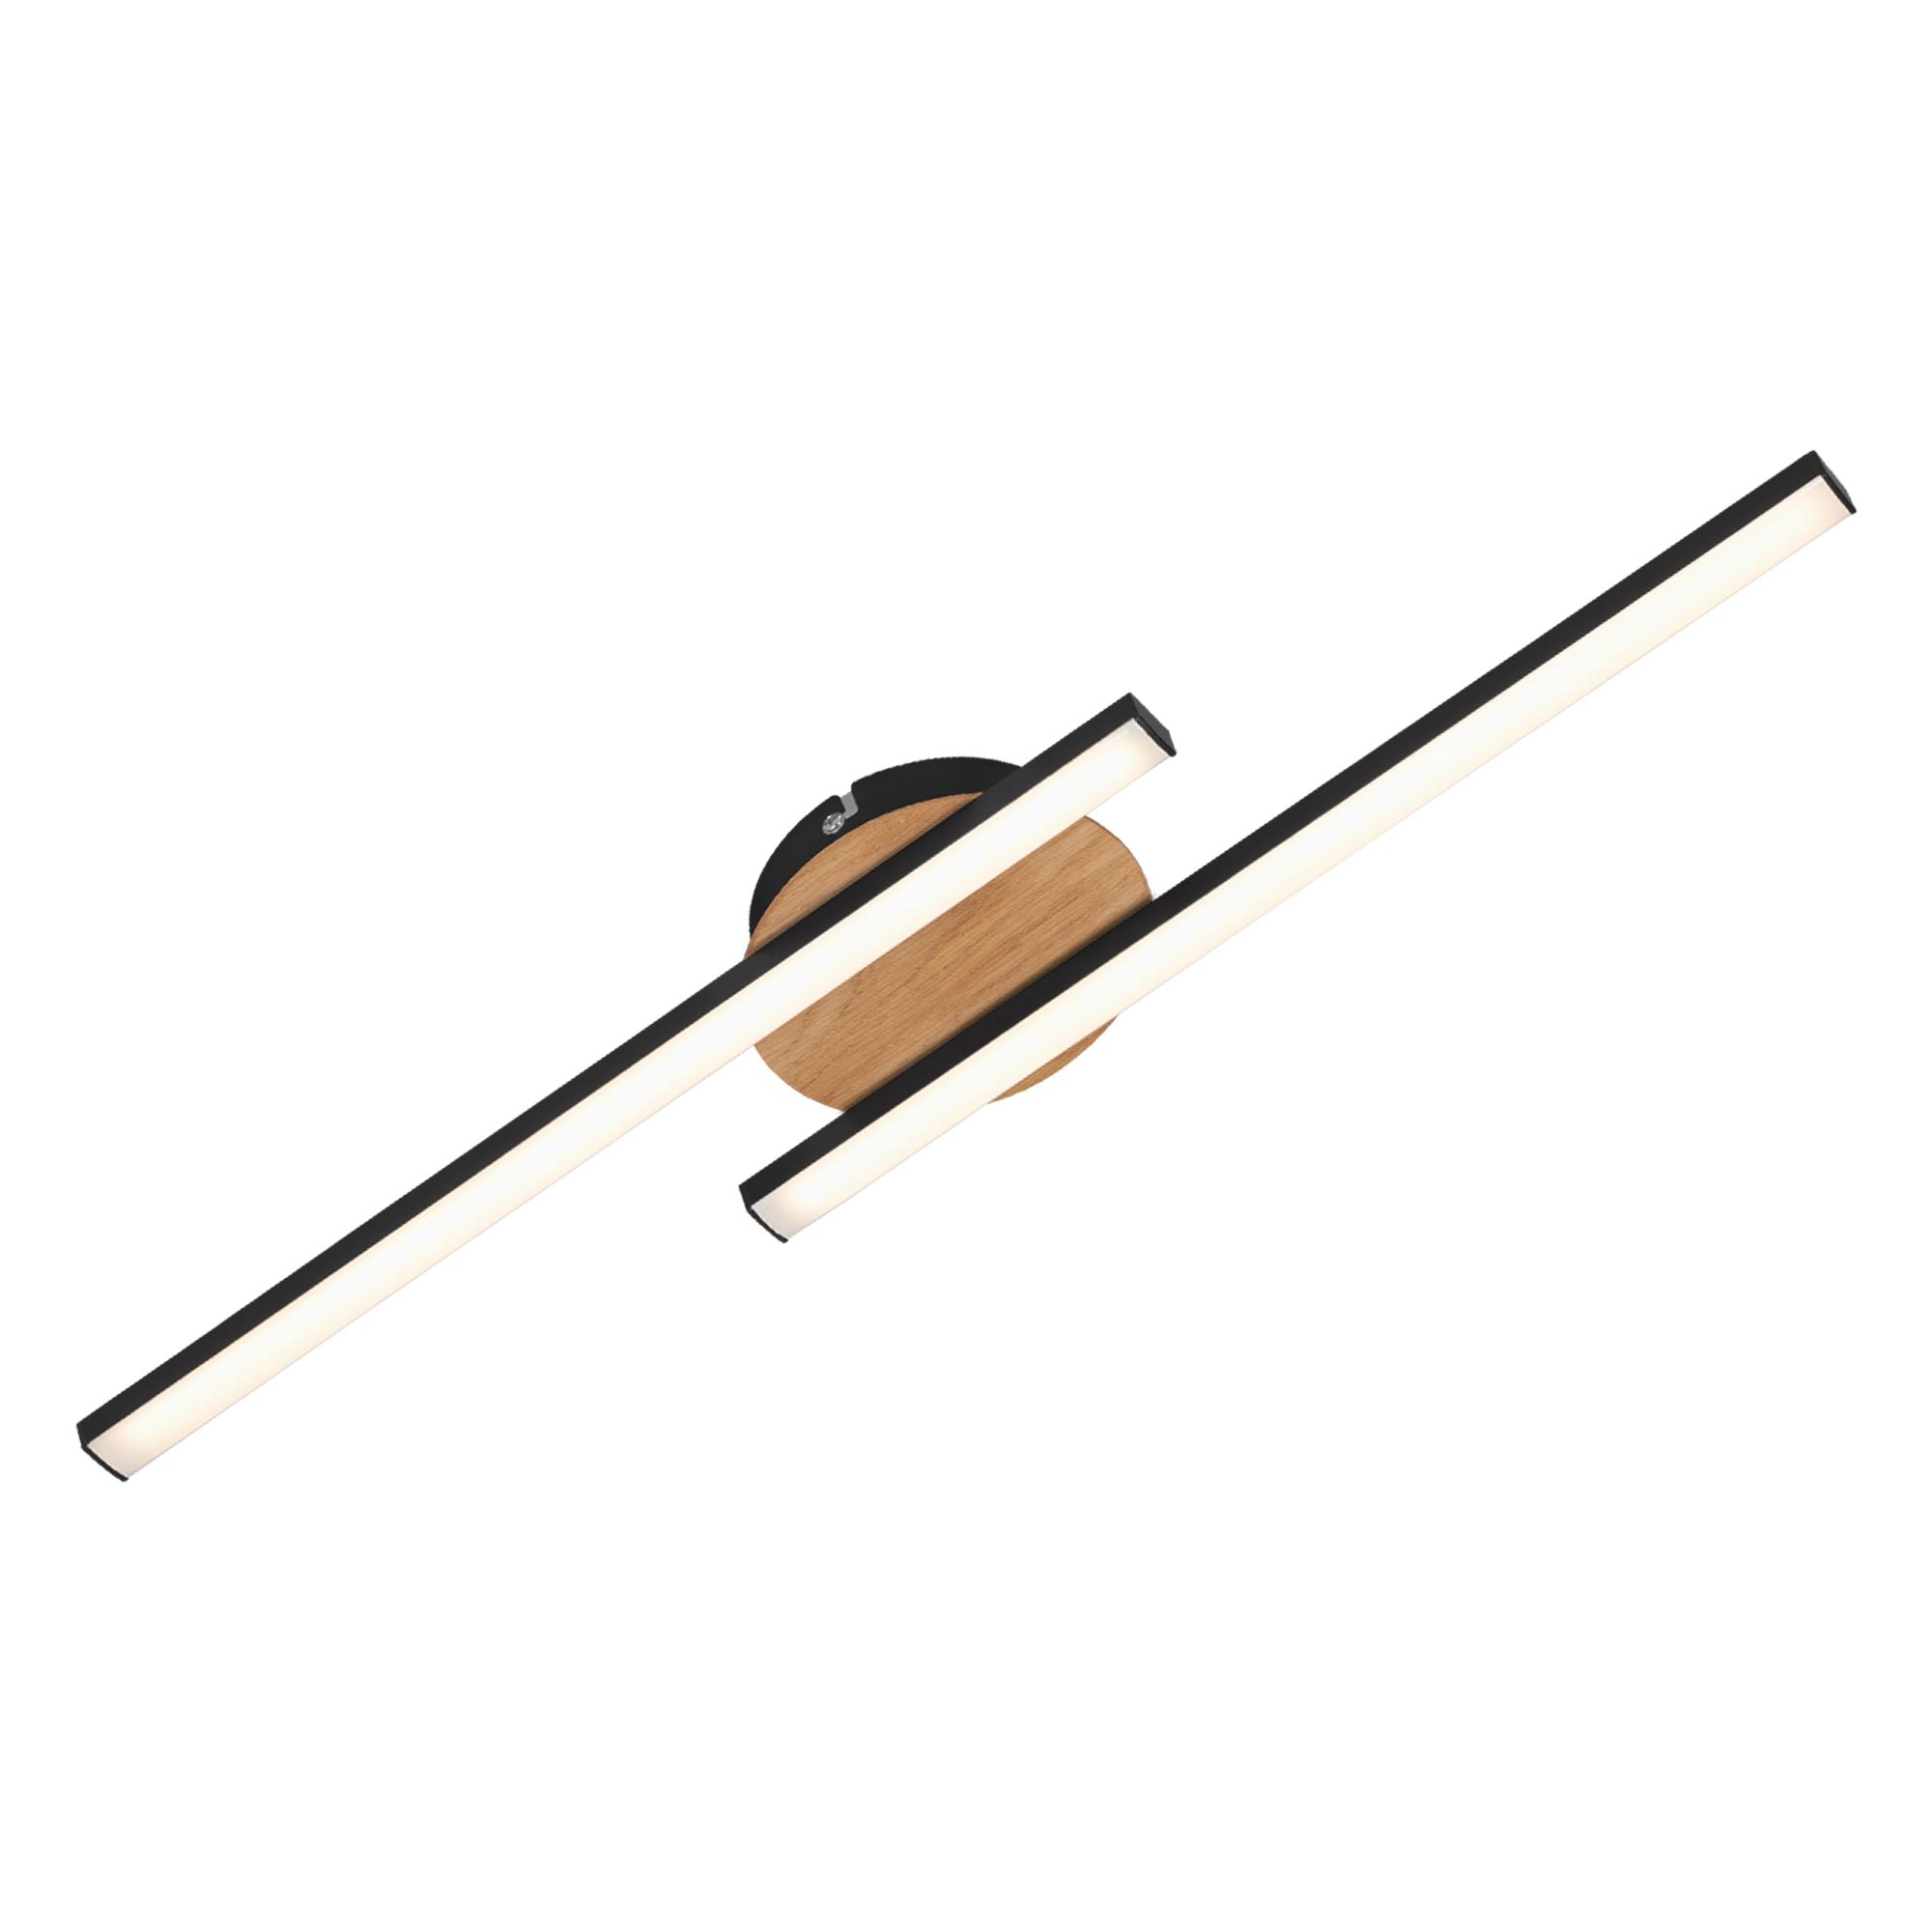 LED Wand- und Deckenleuchte, 55,5 cm, 12 W, Schwarz